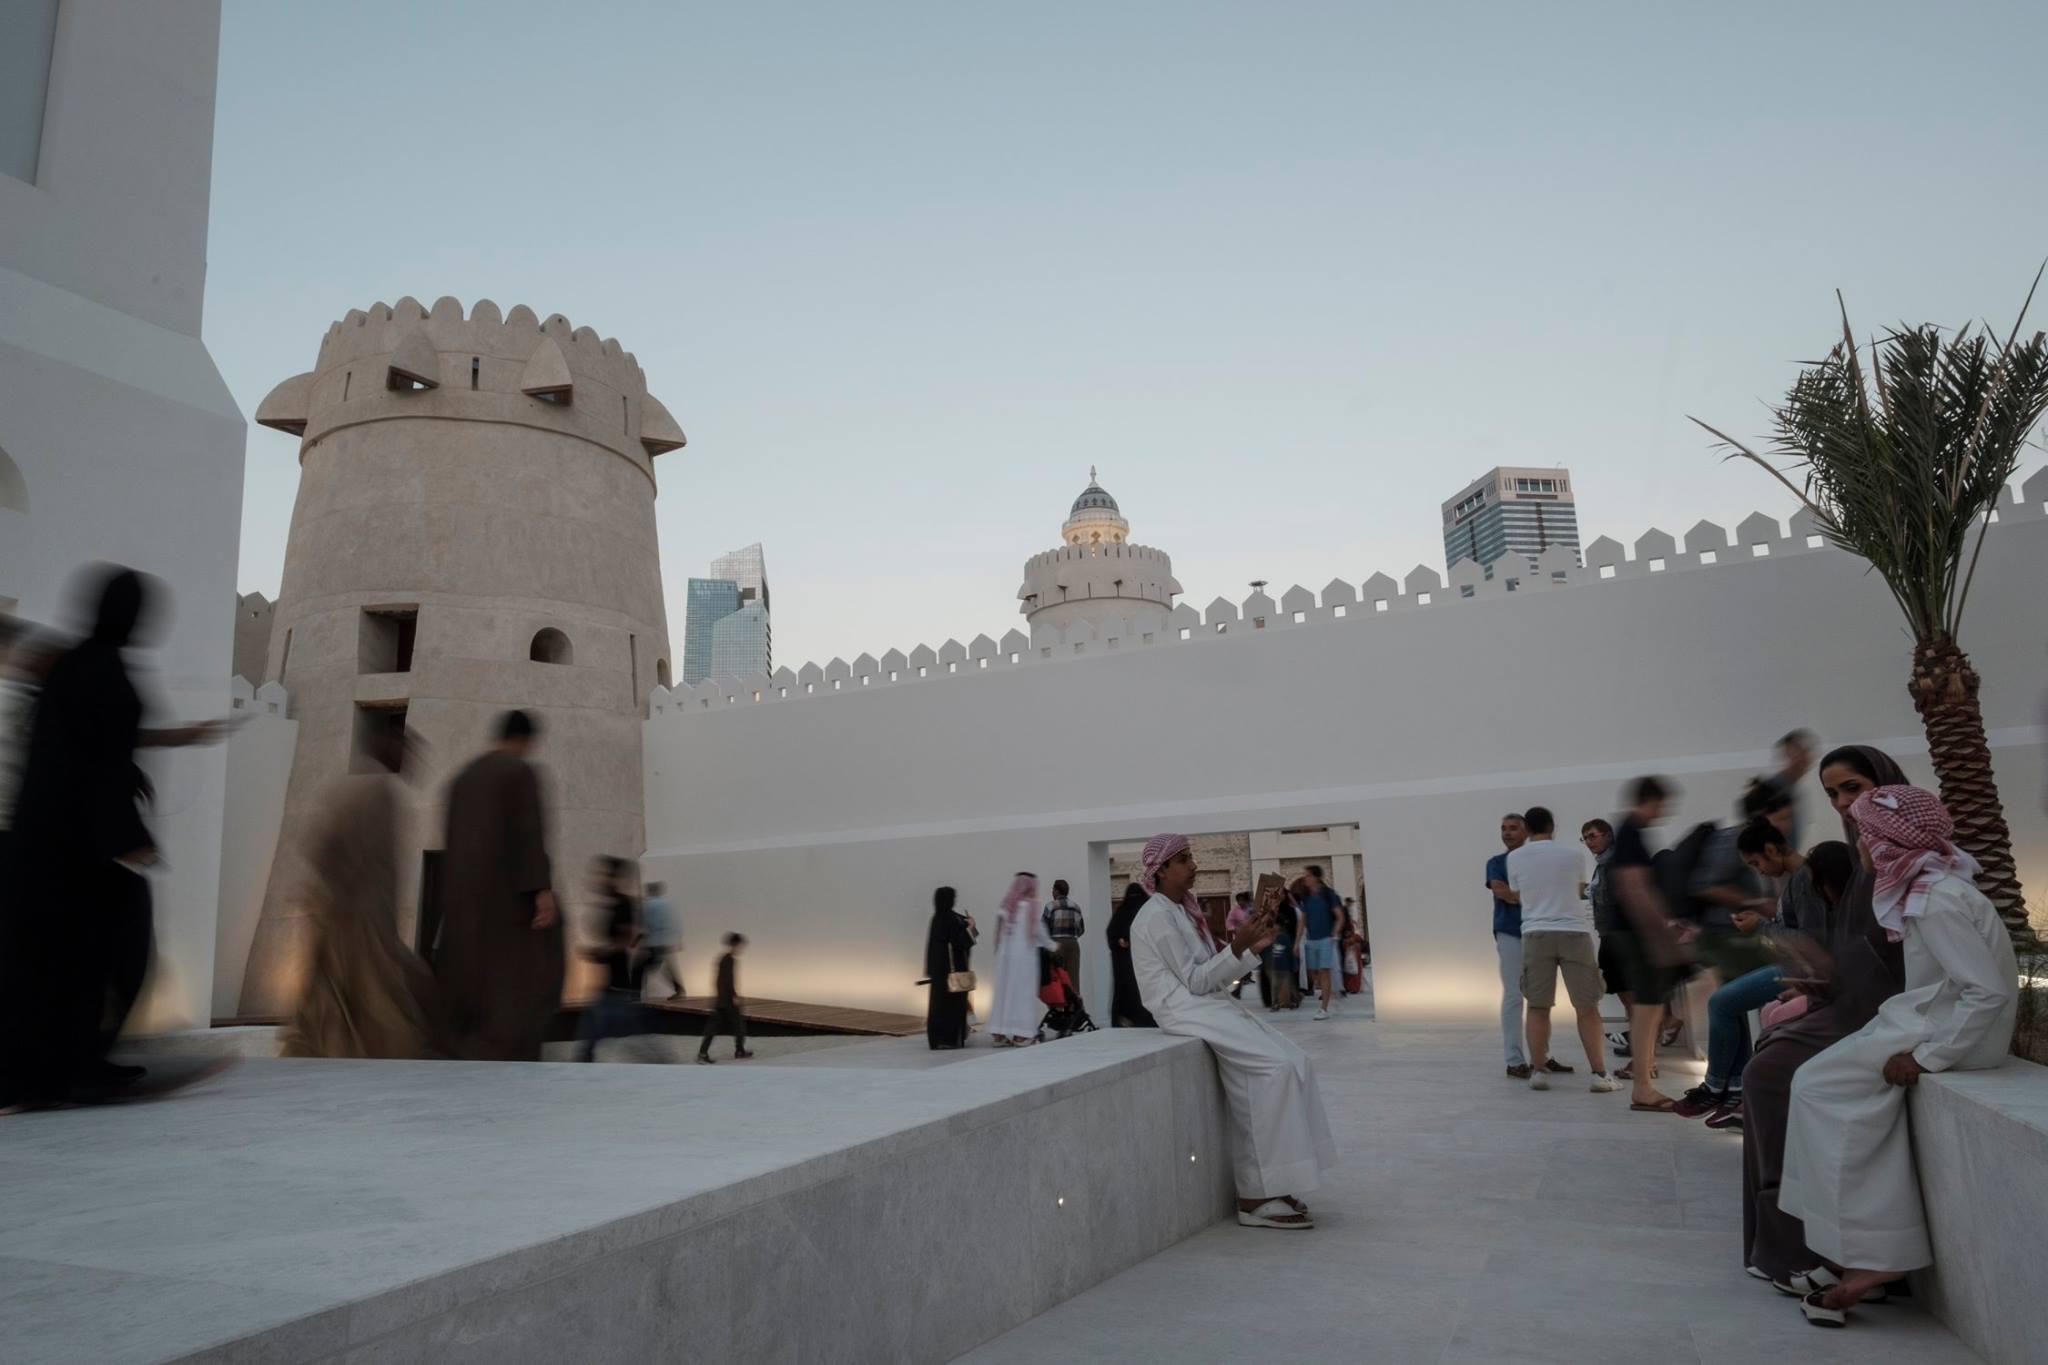 Pevnosť bola pôvodne postavená vroku 1780 na ochranu sladkovodnej studne.